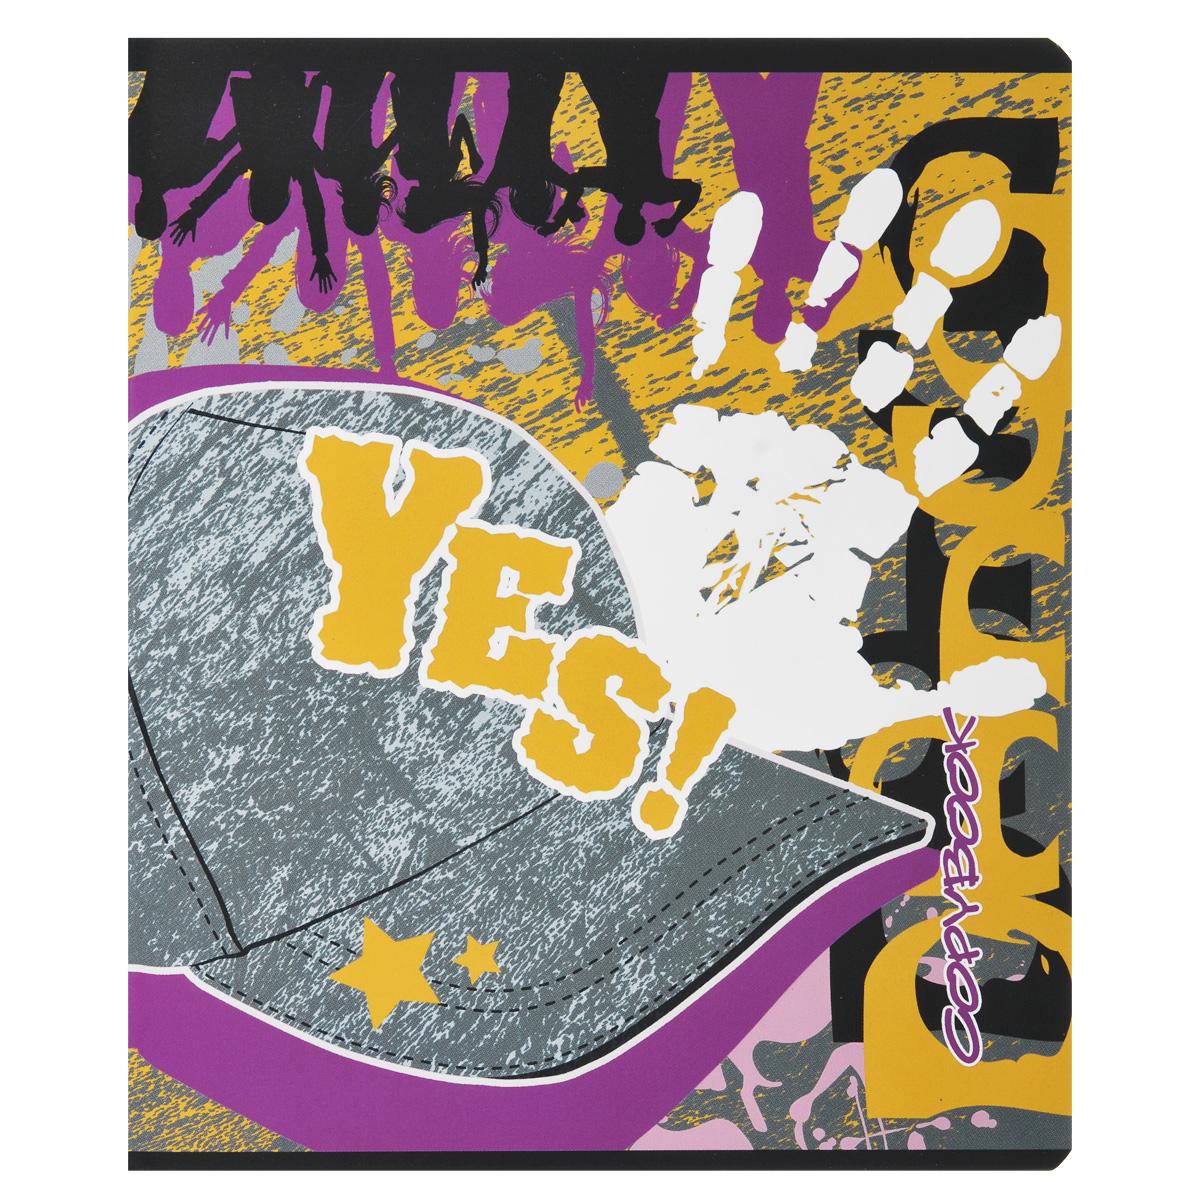 Тетрадь Yes. Бейсболки, 48 листов, формат А5, рисунок 472523WDТетрадь в клетку Yes. Бейсболки с красочным изображением на обложке подойдет как студенту, так и школьнику. Обложка тетради с закругленными углами выполнена из плотной бумаги.Внутренний блок состоит из 48 листов белой бумаги. Стандартная линовка в клетку дополнена полями, совпадающими с лицевой и оборотной стороны листа.